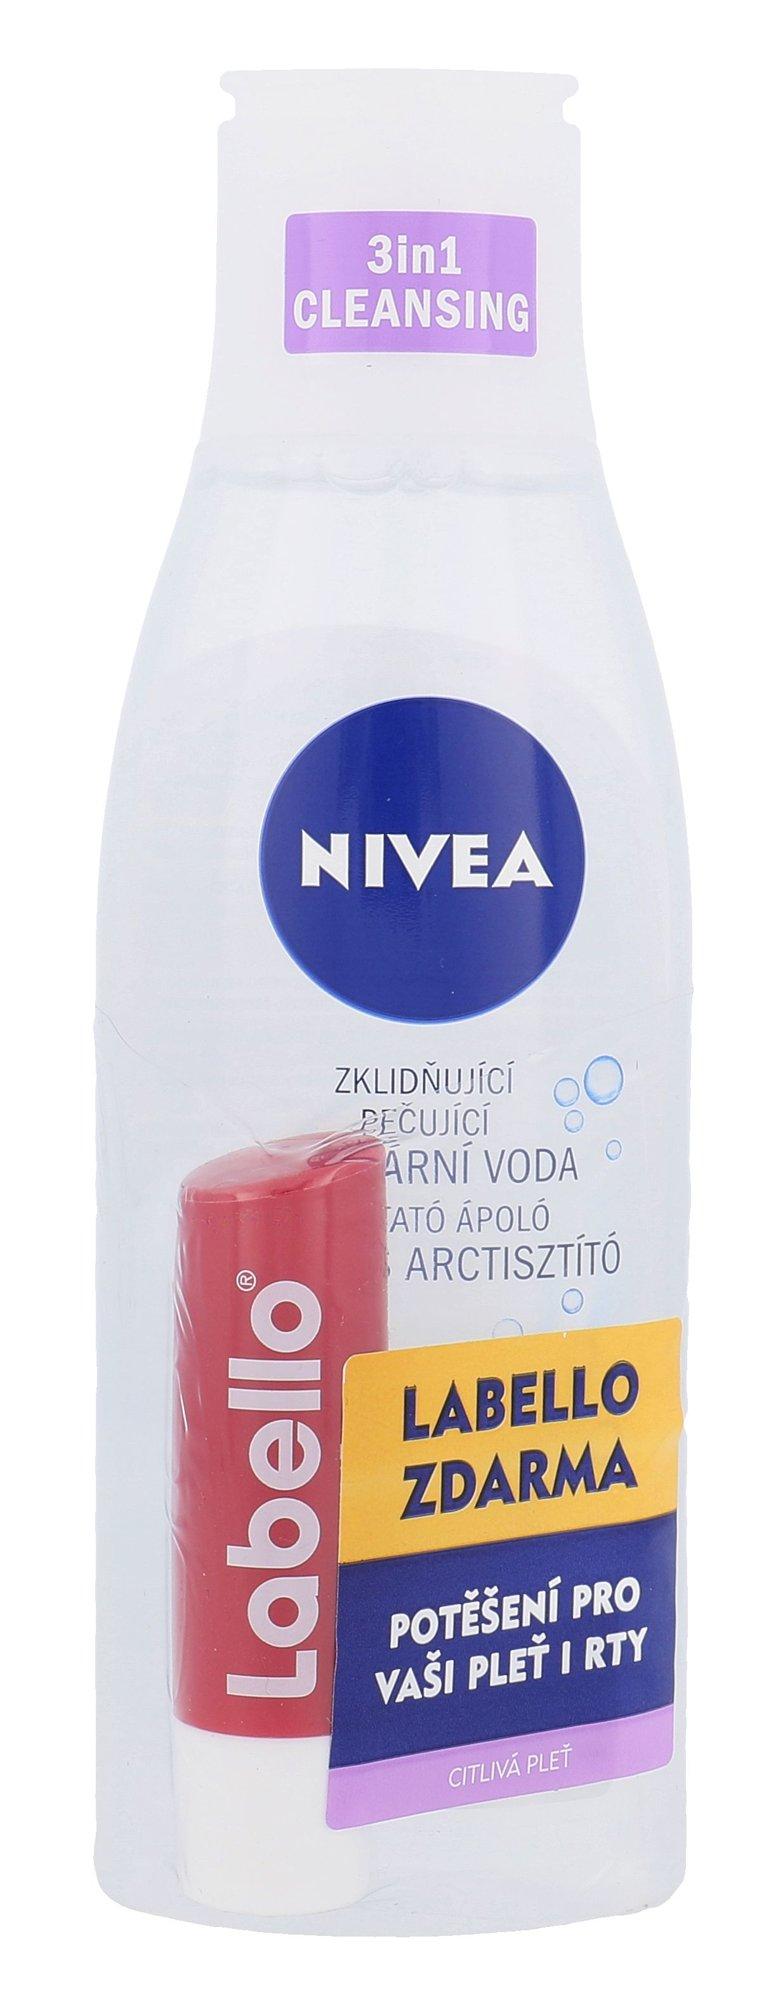 Nivea Sensitive 3in1 Micellar Cleansing Water Cosmetic 200ml